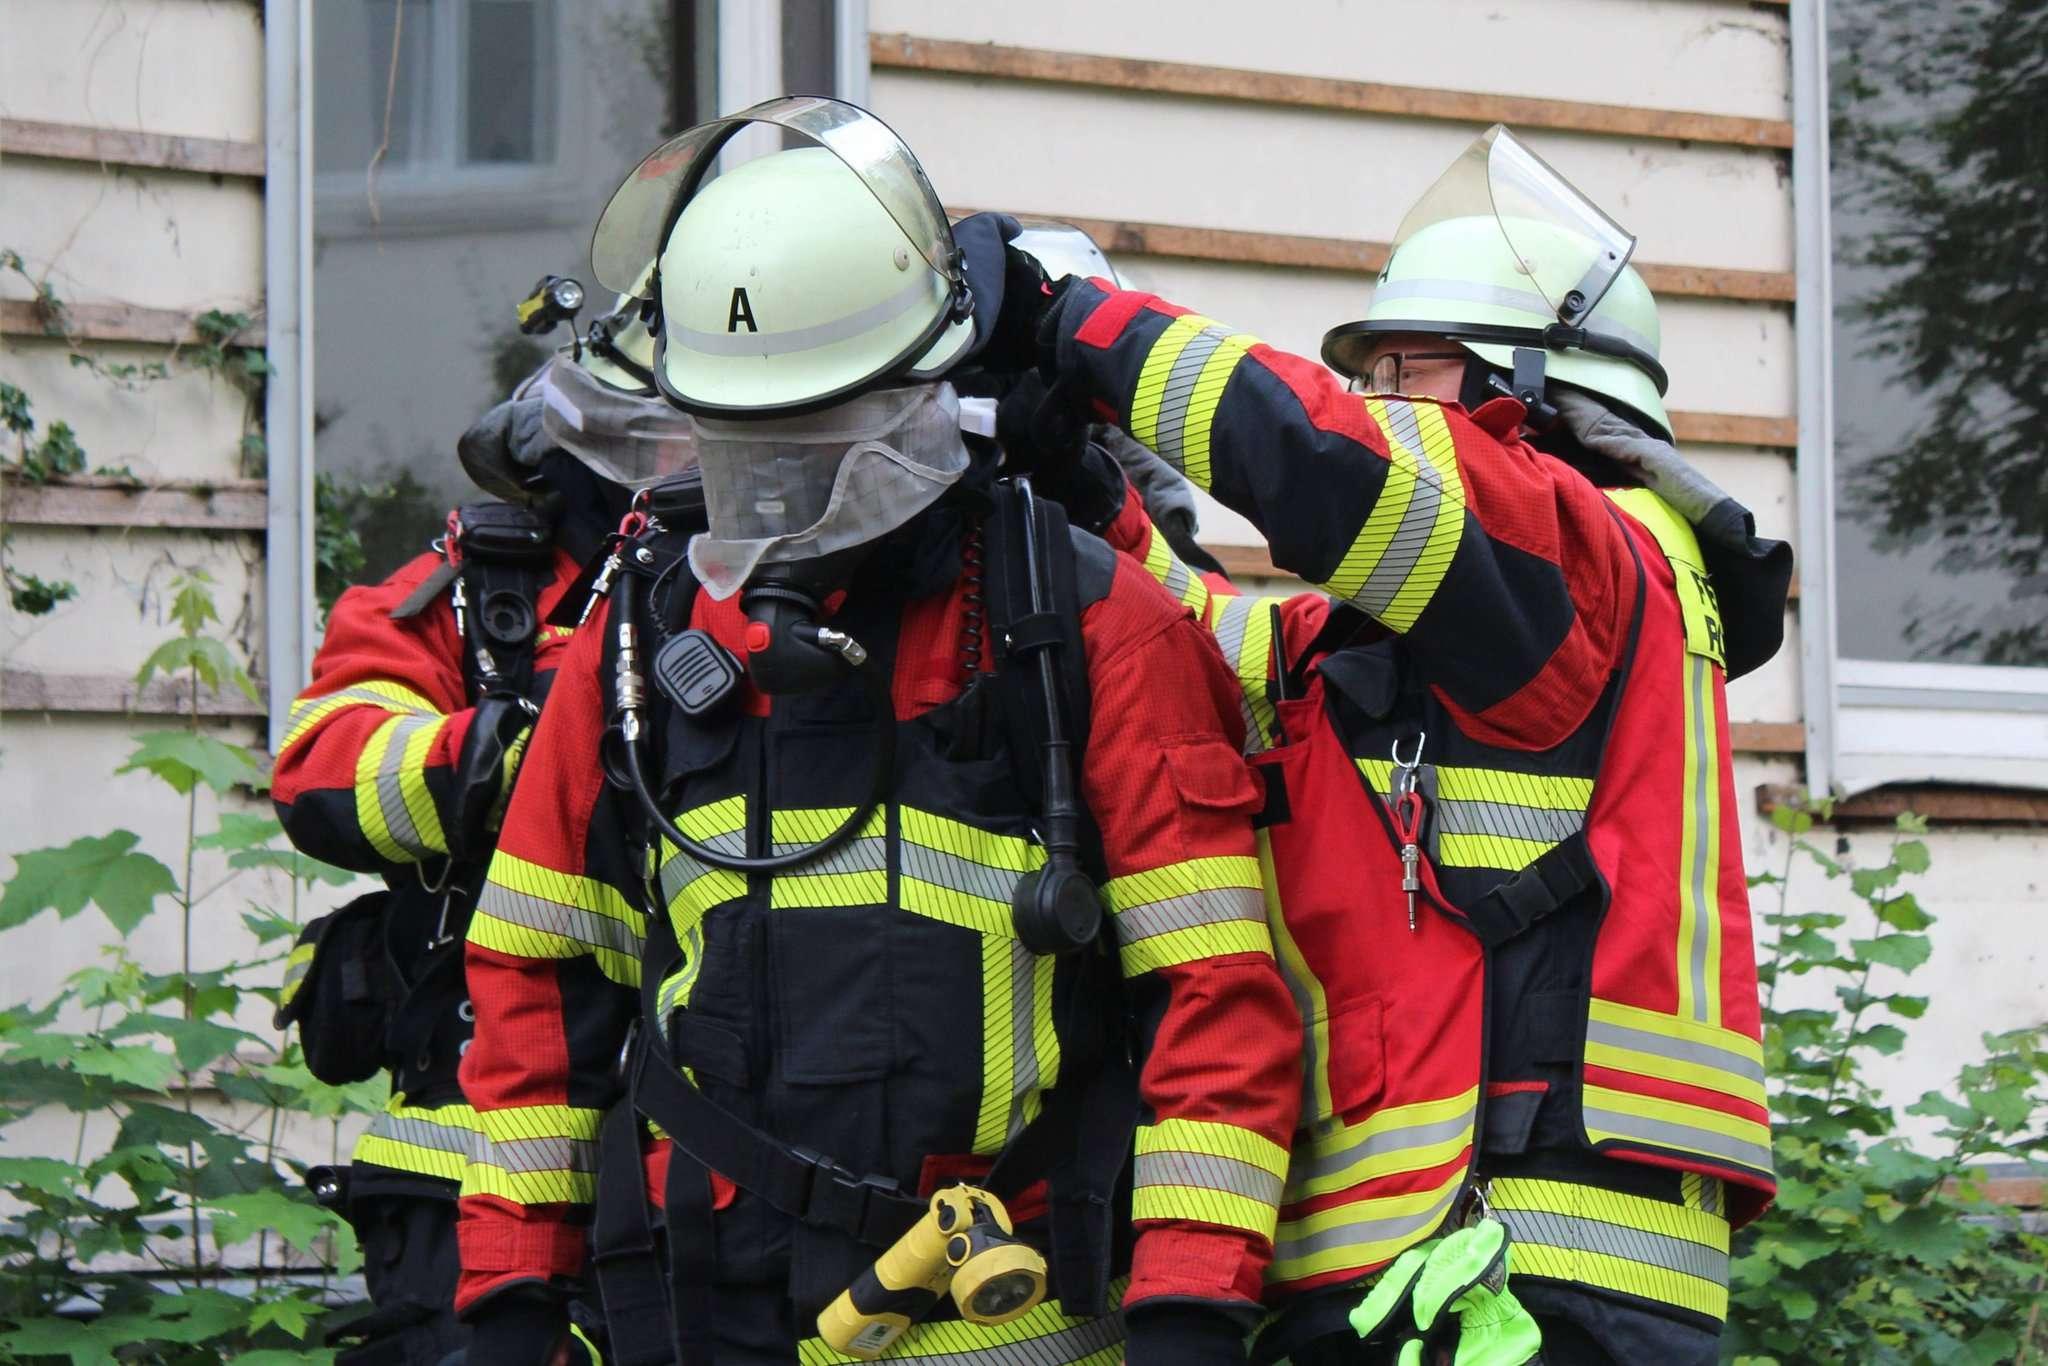 Brandmeister vom Dienst Heiko Miesner gibt den Atemschutzgeräteträgern Anweisungen, dann geht es in das Gebäude.